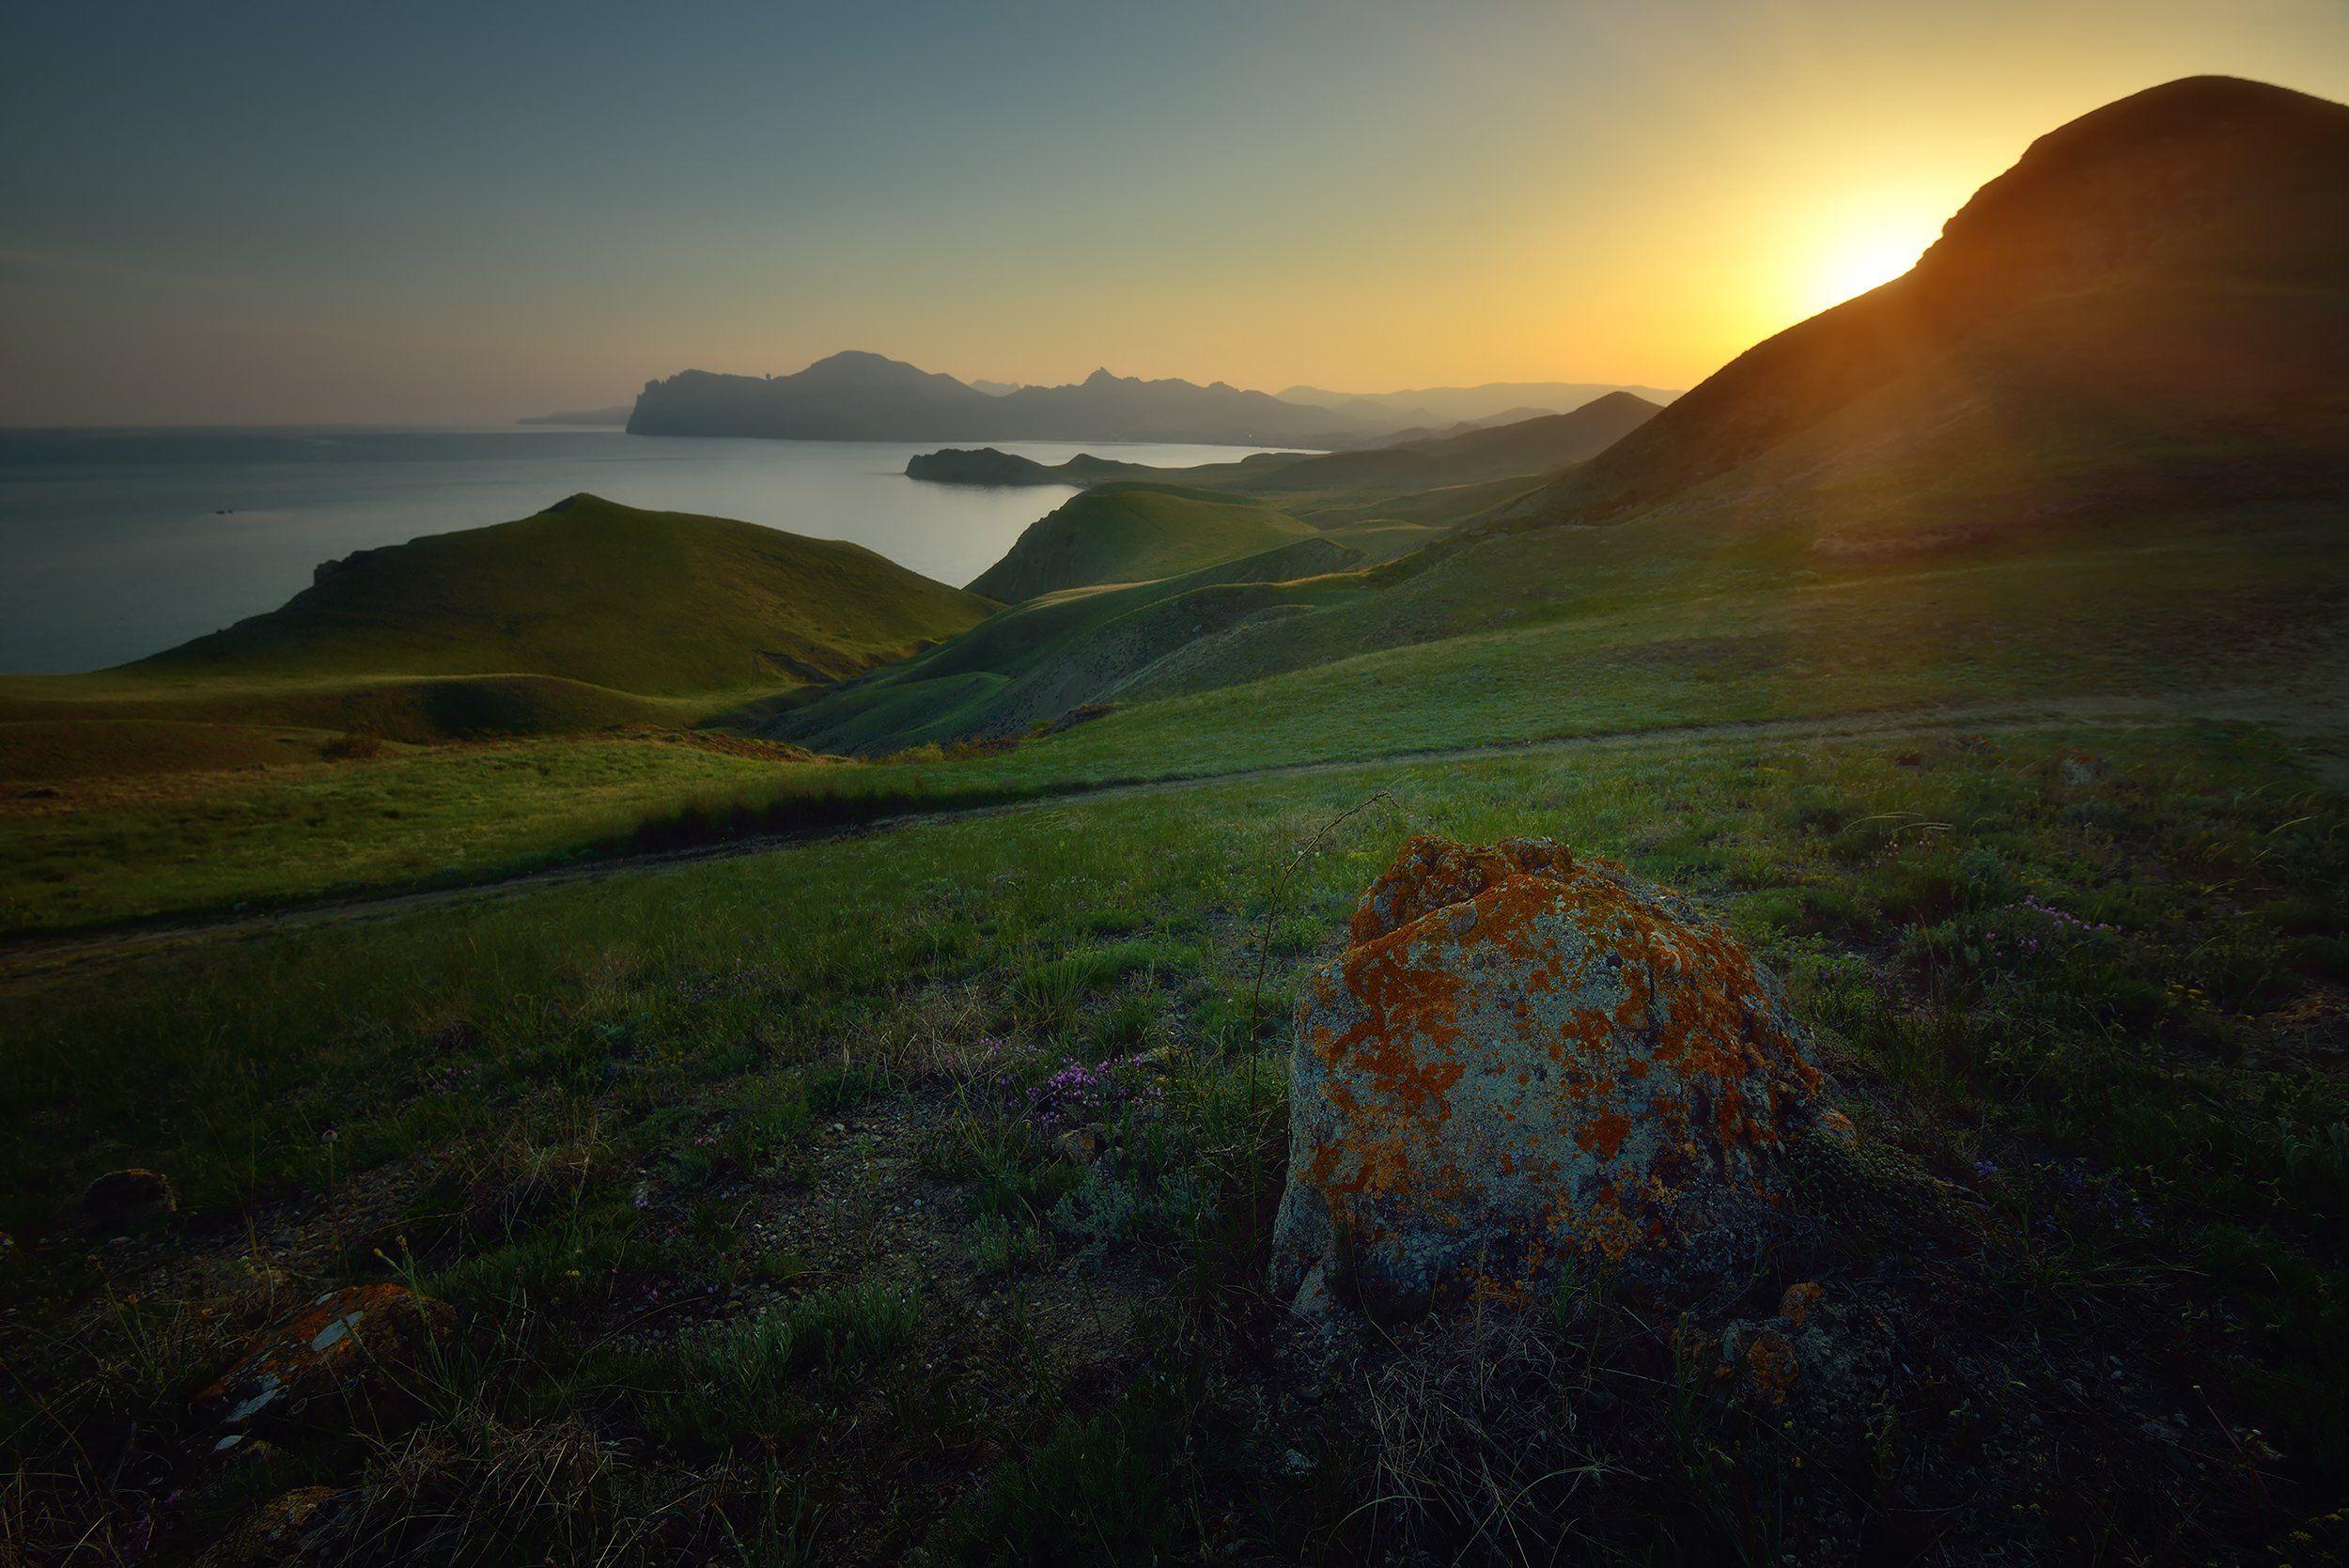 крым, природа, весна, горы, море, Никонов Алексей